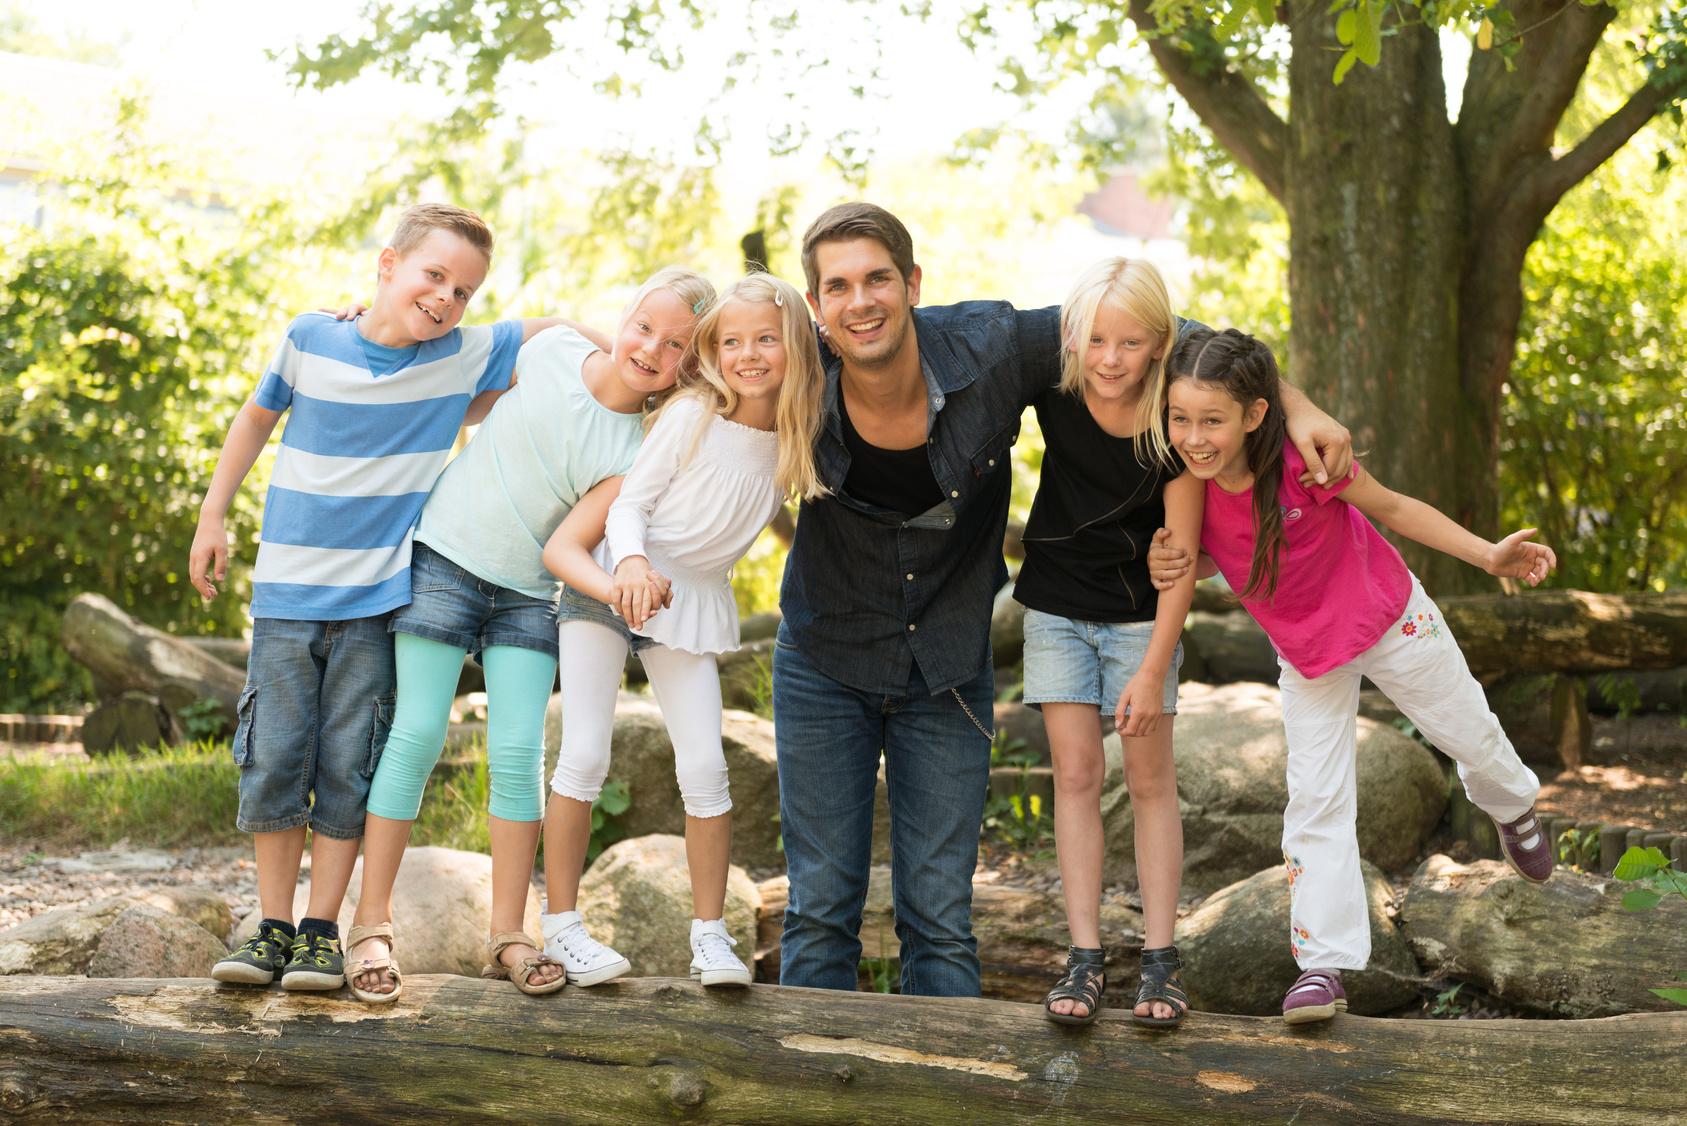 Erzieher mit Kindergruppe im Aussenbereich